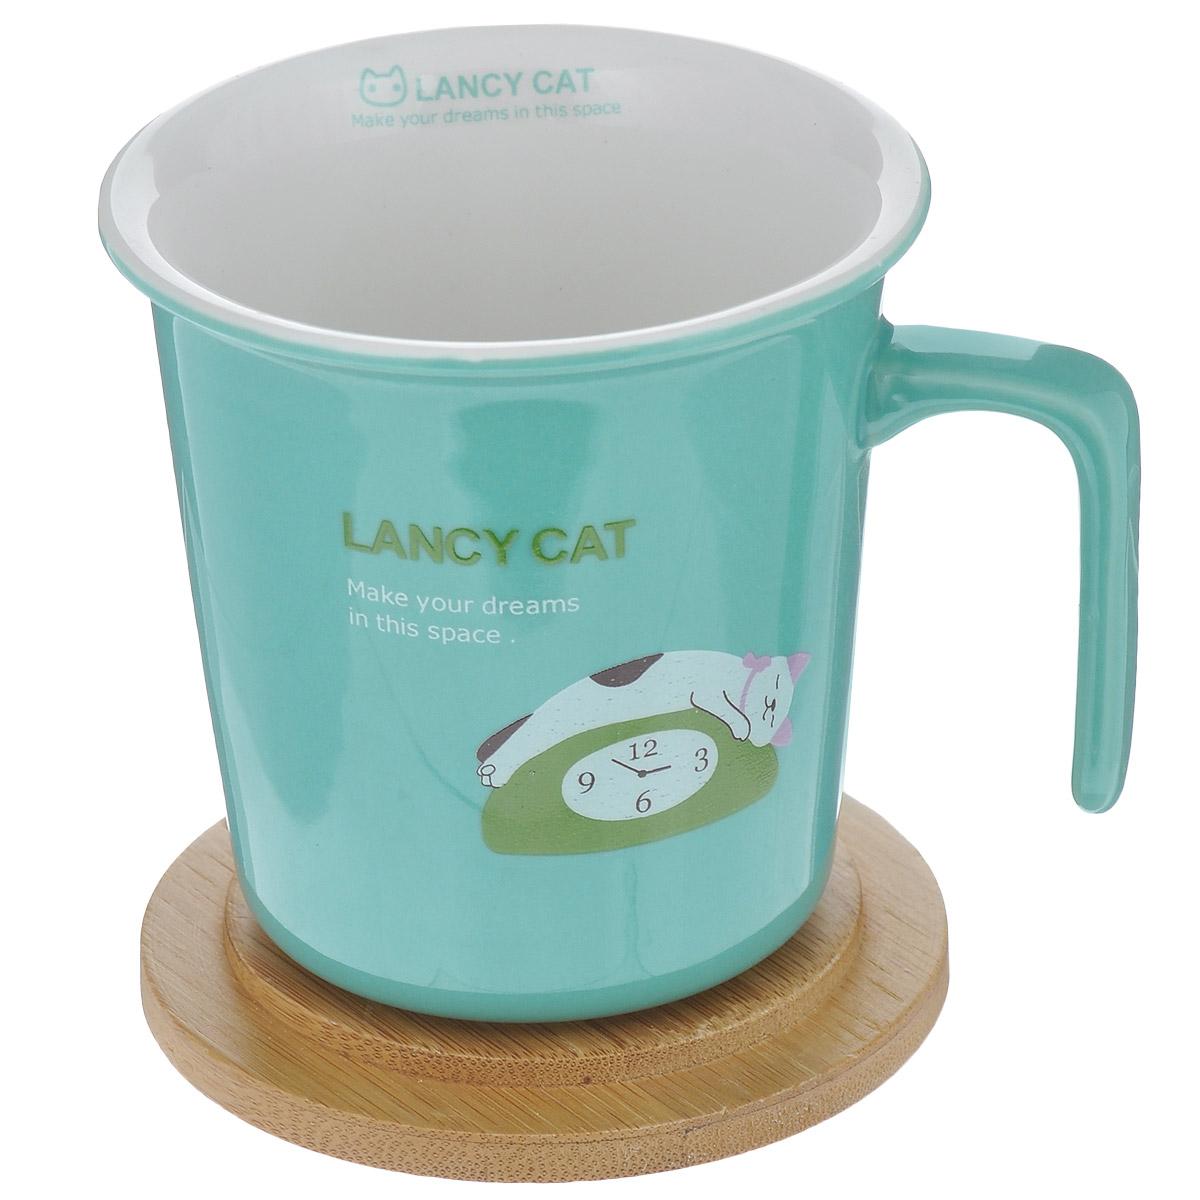 Кружка Lillo Lancy Cat, с бамбуковой крышкой, цвет: бирюзовый, 220 мл215015 (A)Кружка Lillo Lancy Cat выполнена из высококачественной керамики и украшена изображением кошки. Кружка имеет удобную оригинальную ручку. В комплект входит бамбуковая крышка, которую можно использовать также в качестве подставки. Кружка Lillo Lancy Cat порадует вас ярким дизайном и функциональностью, а пить чай или кофе из нее станет еще приятнее. Подходит для мытья в посудомоечной машине, а также для использования в микроволновых и конвекционных печах. Объем: 220 мл. Диаметр кружки по верхнему краю: 8,5 см. Высота кружки: 8,5 см. Диаметр крышки: 9 см.